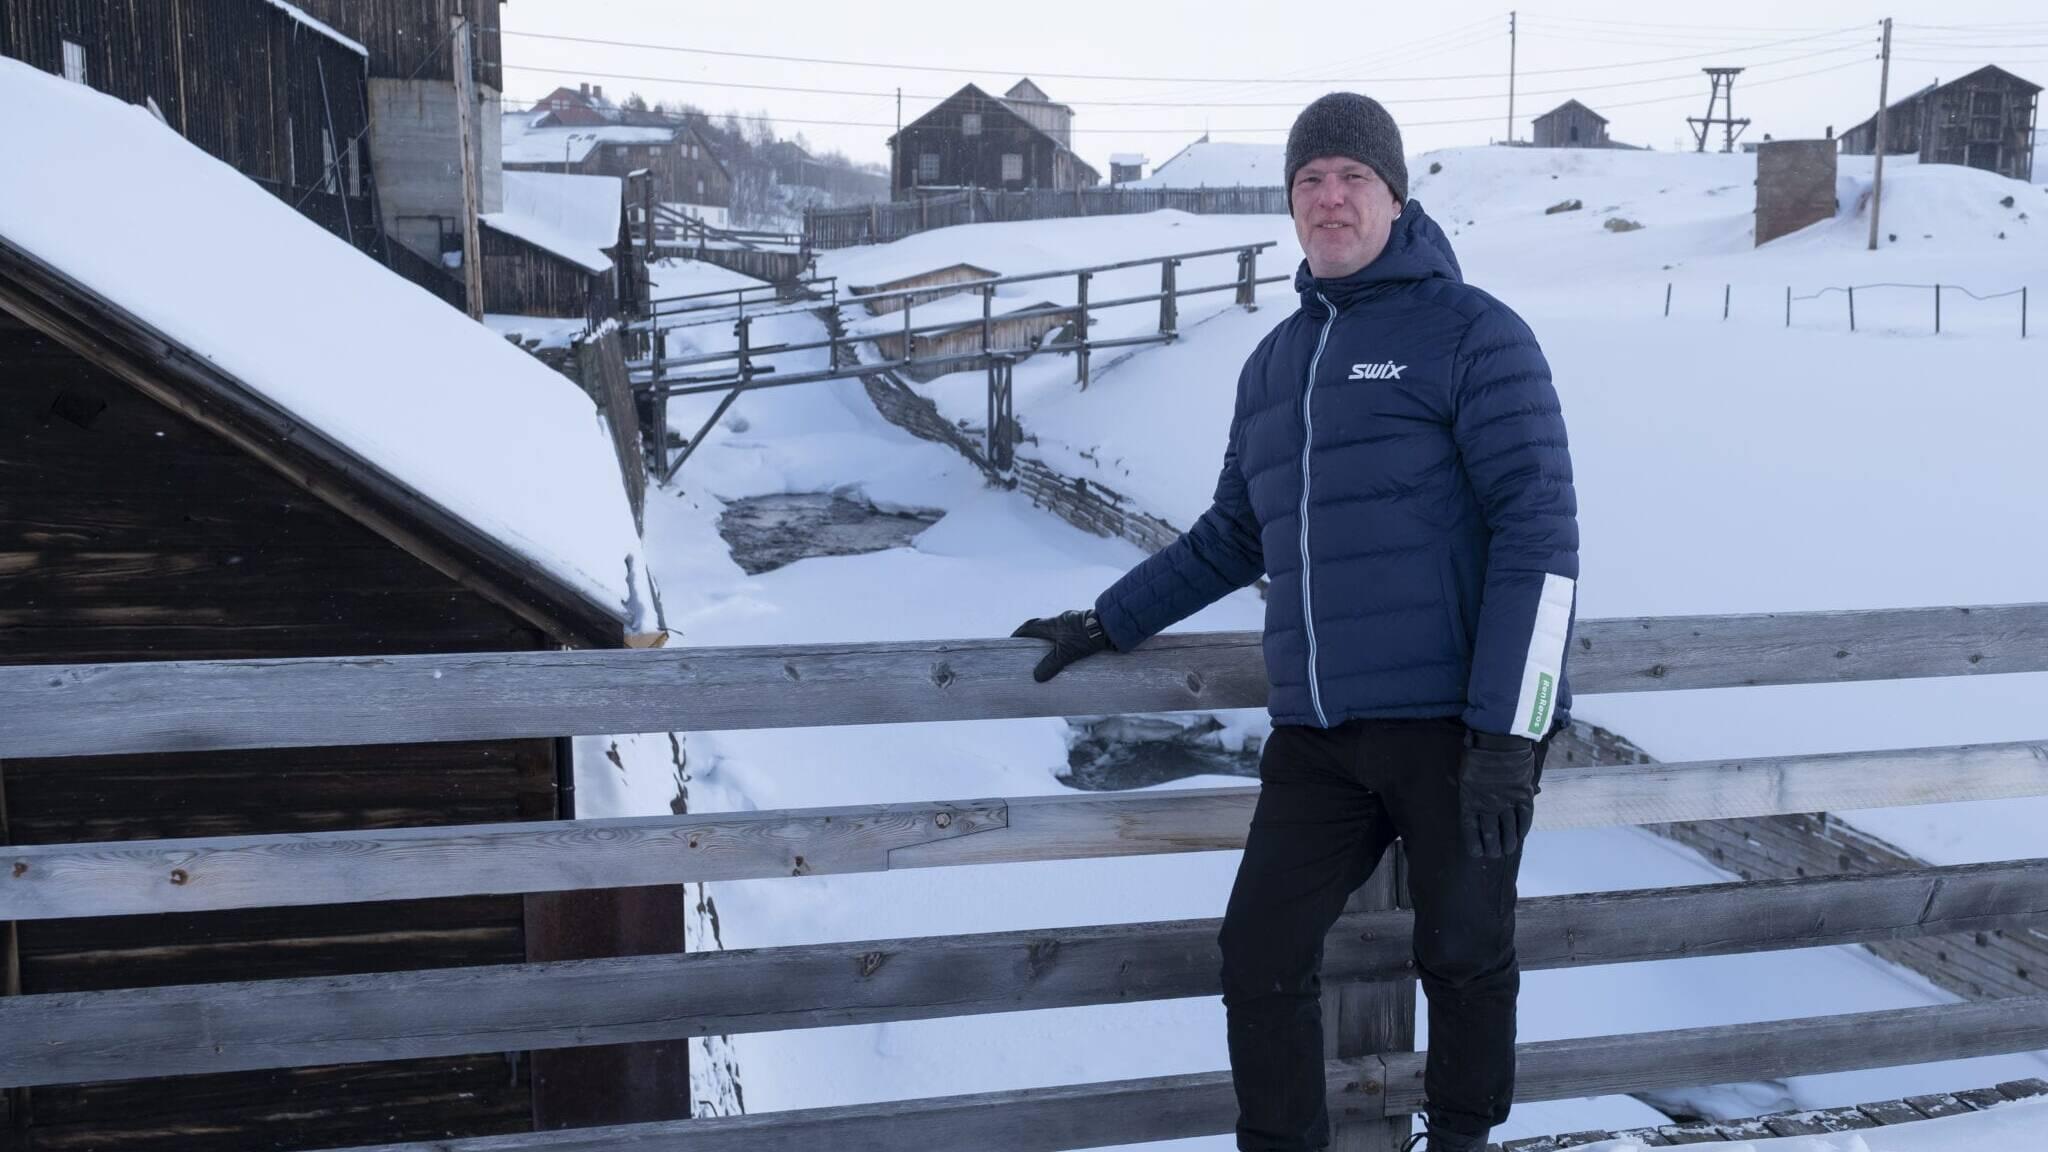 Olav Vehusheia, daglig leder i Ren Røros Strøm, er overbevist om at selskapets mange kunder på Røros setter pris på åpenhet og konkurransedyktige priser. Foto: Kurt Näslund/Ren Røros Frontal